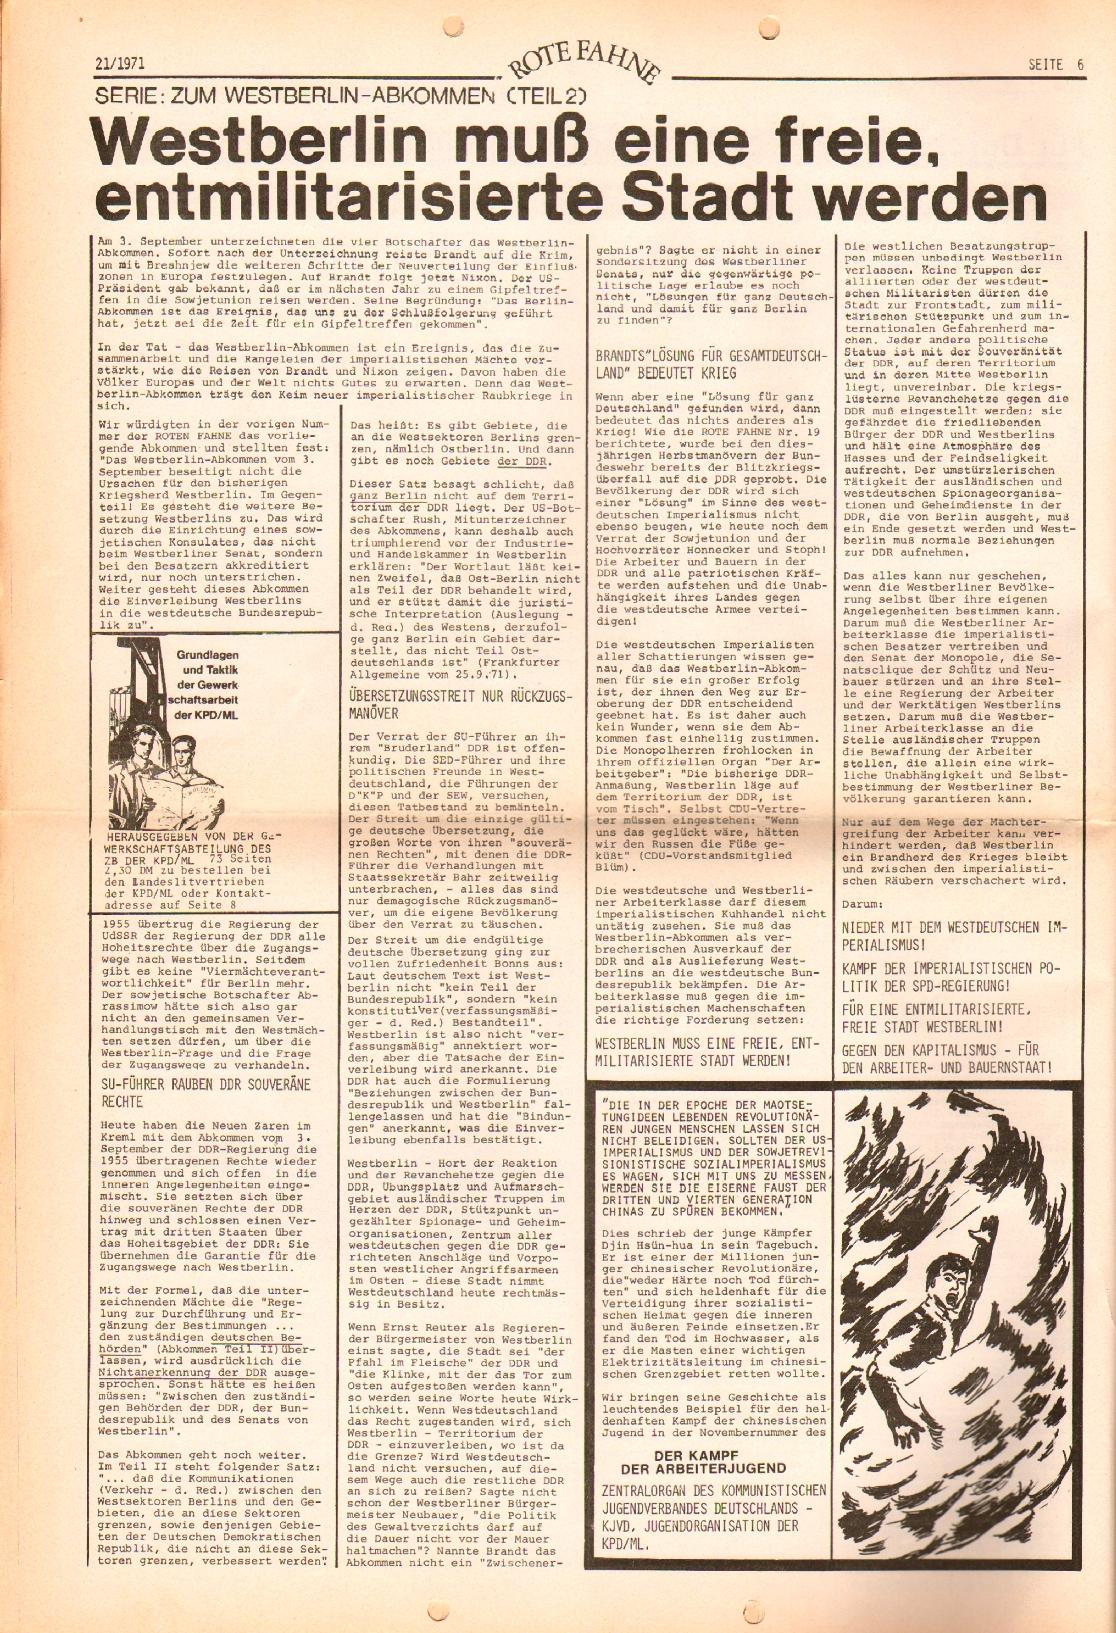 Rote Fahne, 2. Jg., 25.10.1971, Nr. 21, Seite 6